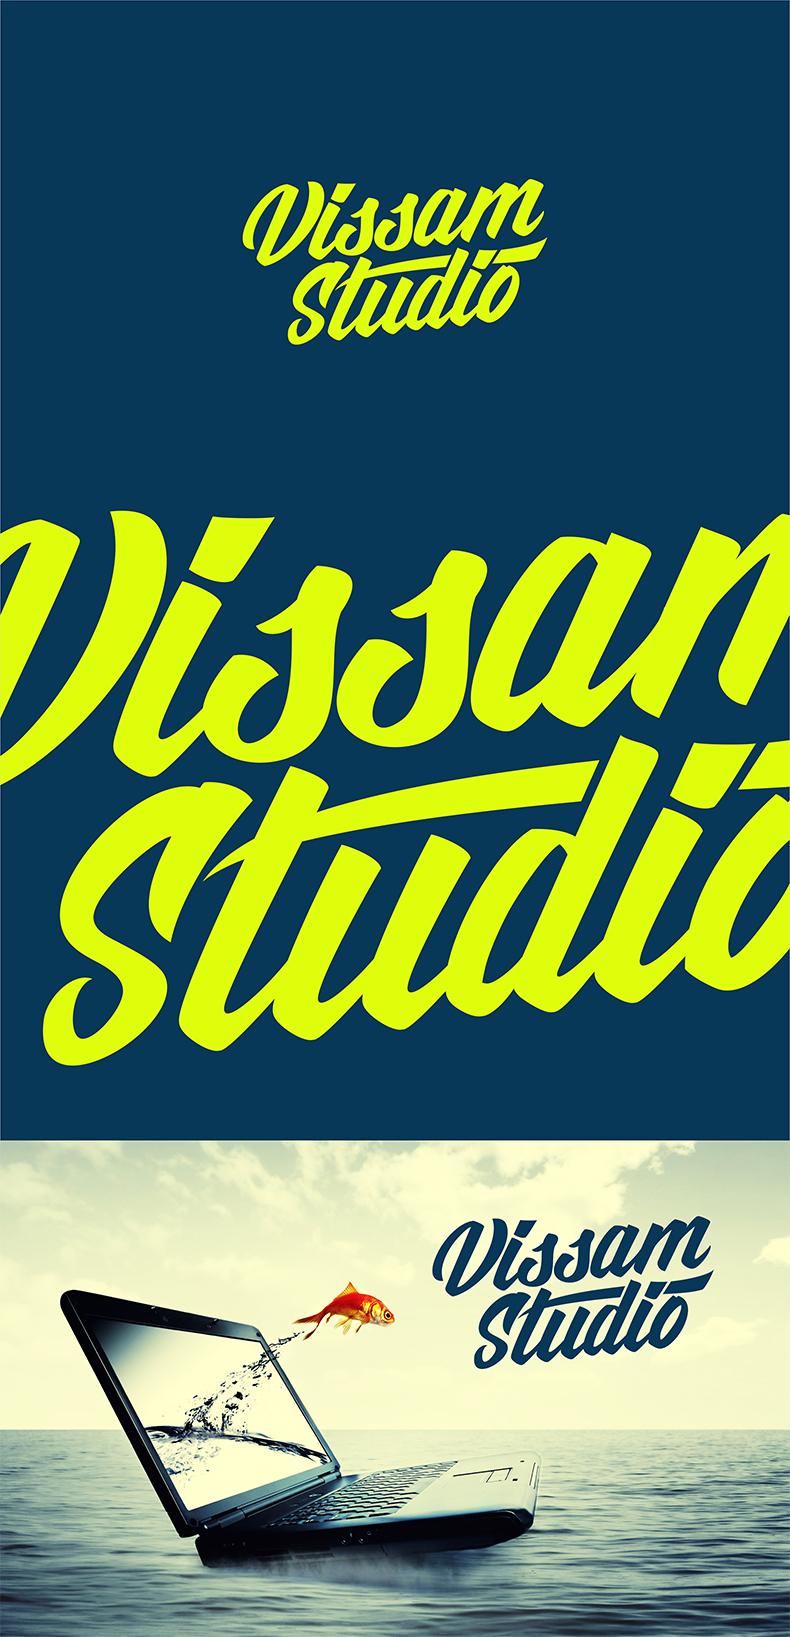 Vissam Studio